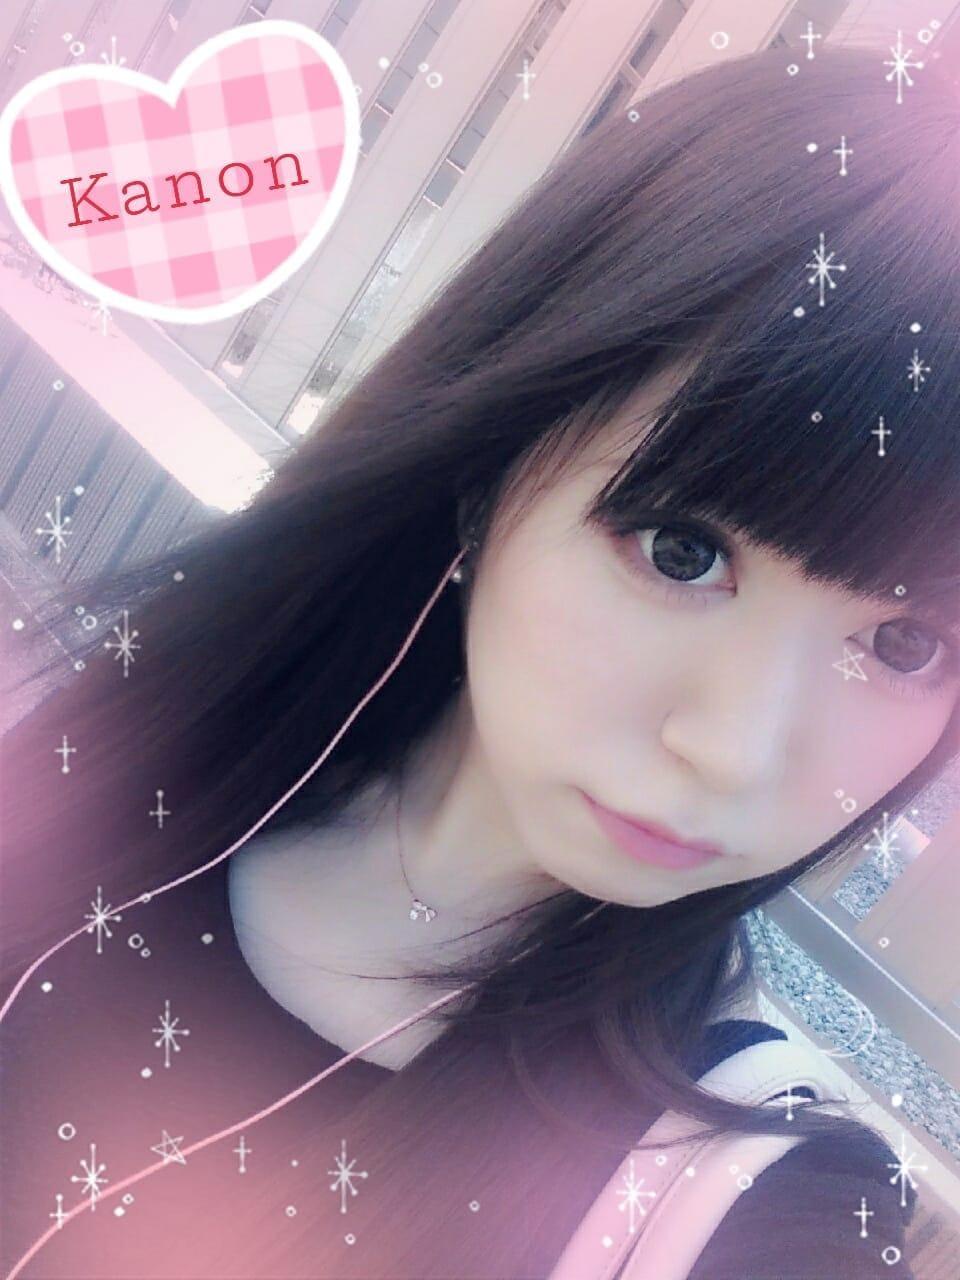 「大好きなコスプレ♡」05/24日(木) 00:11 | かのんの写メ・風俗動画